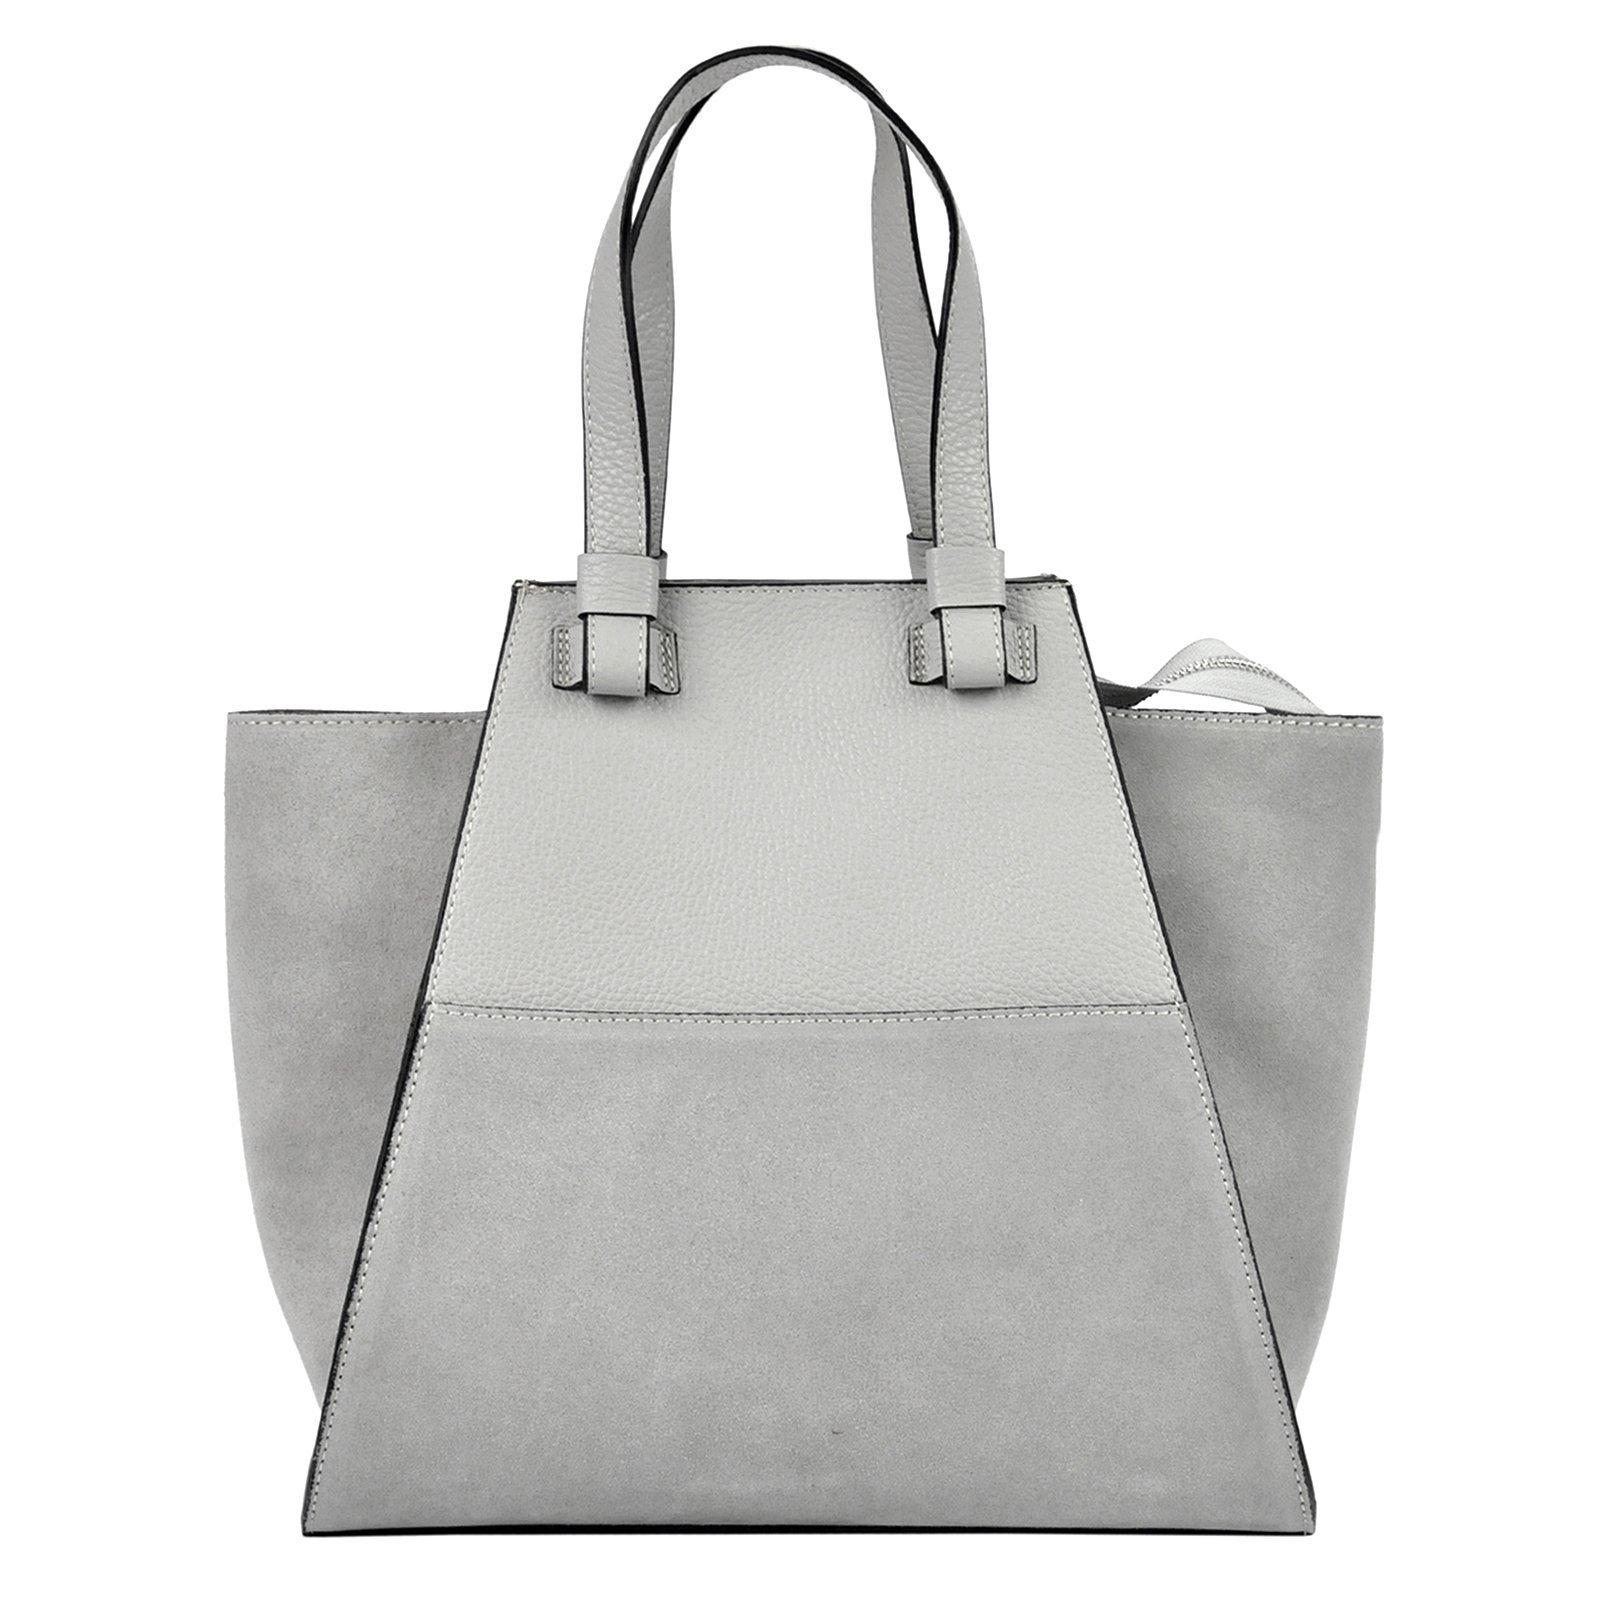 8d2c966c65b4 Torebka damska skóra naturalna shopper bag zamsz - MB CLASSIC BAG